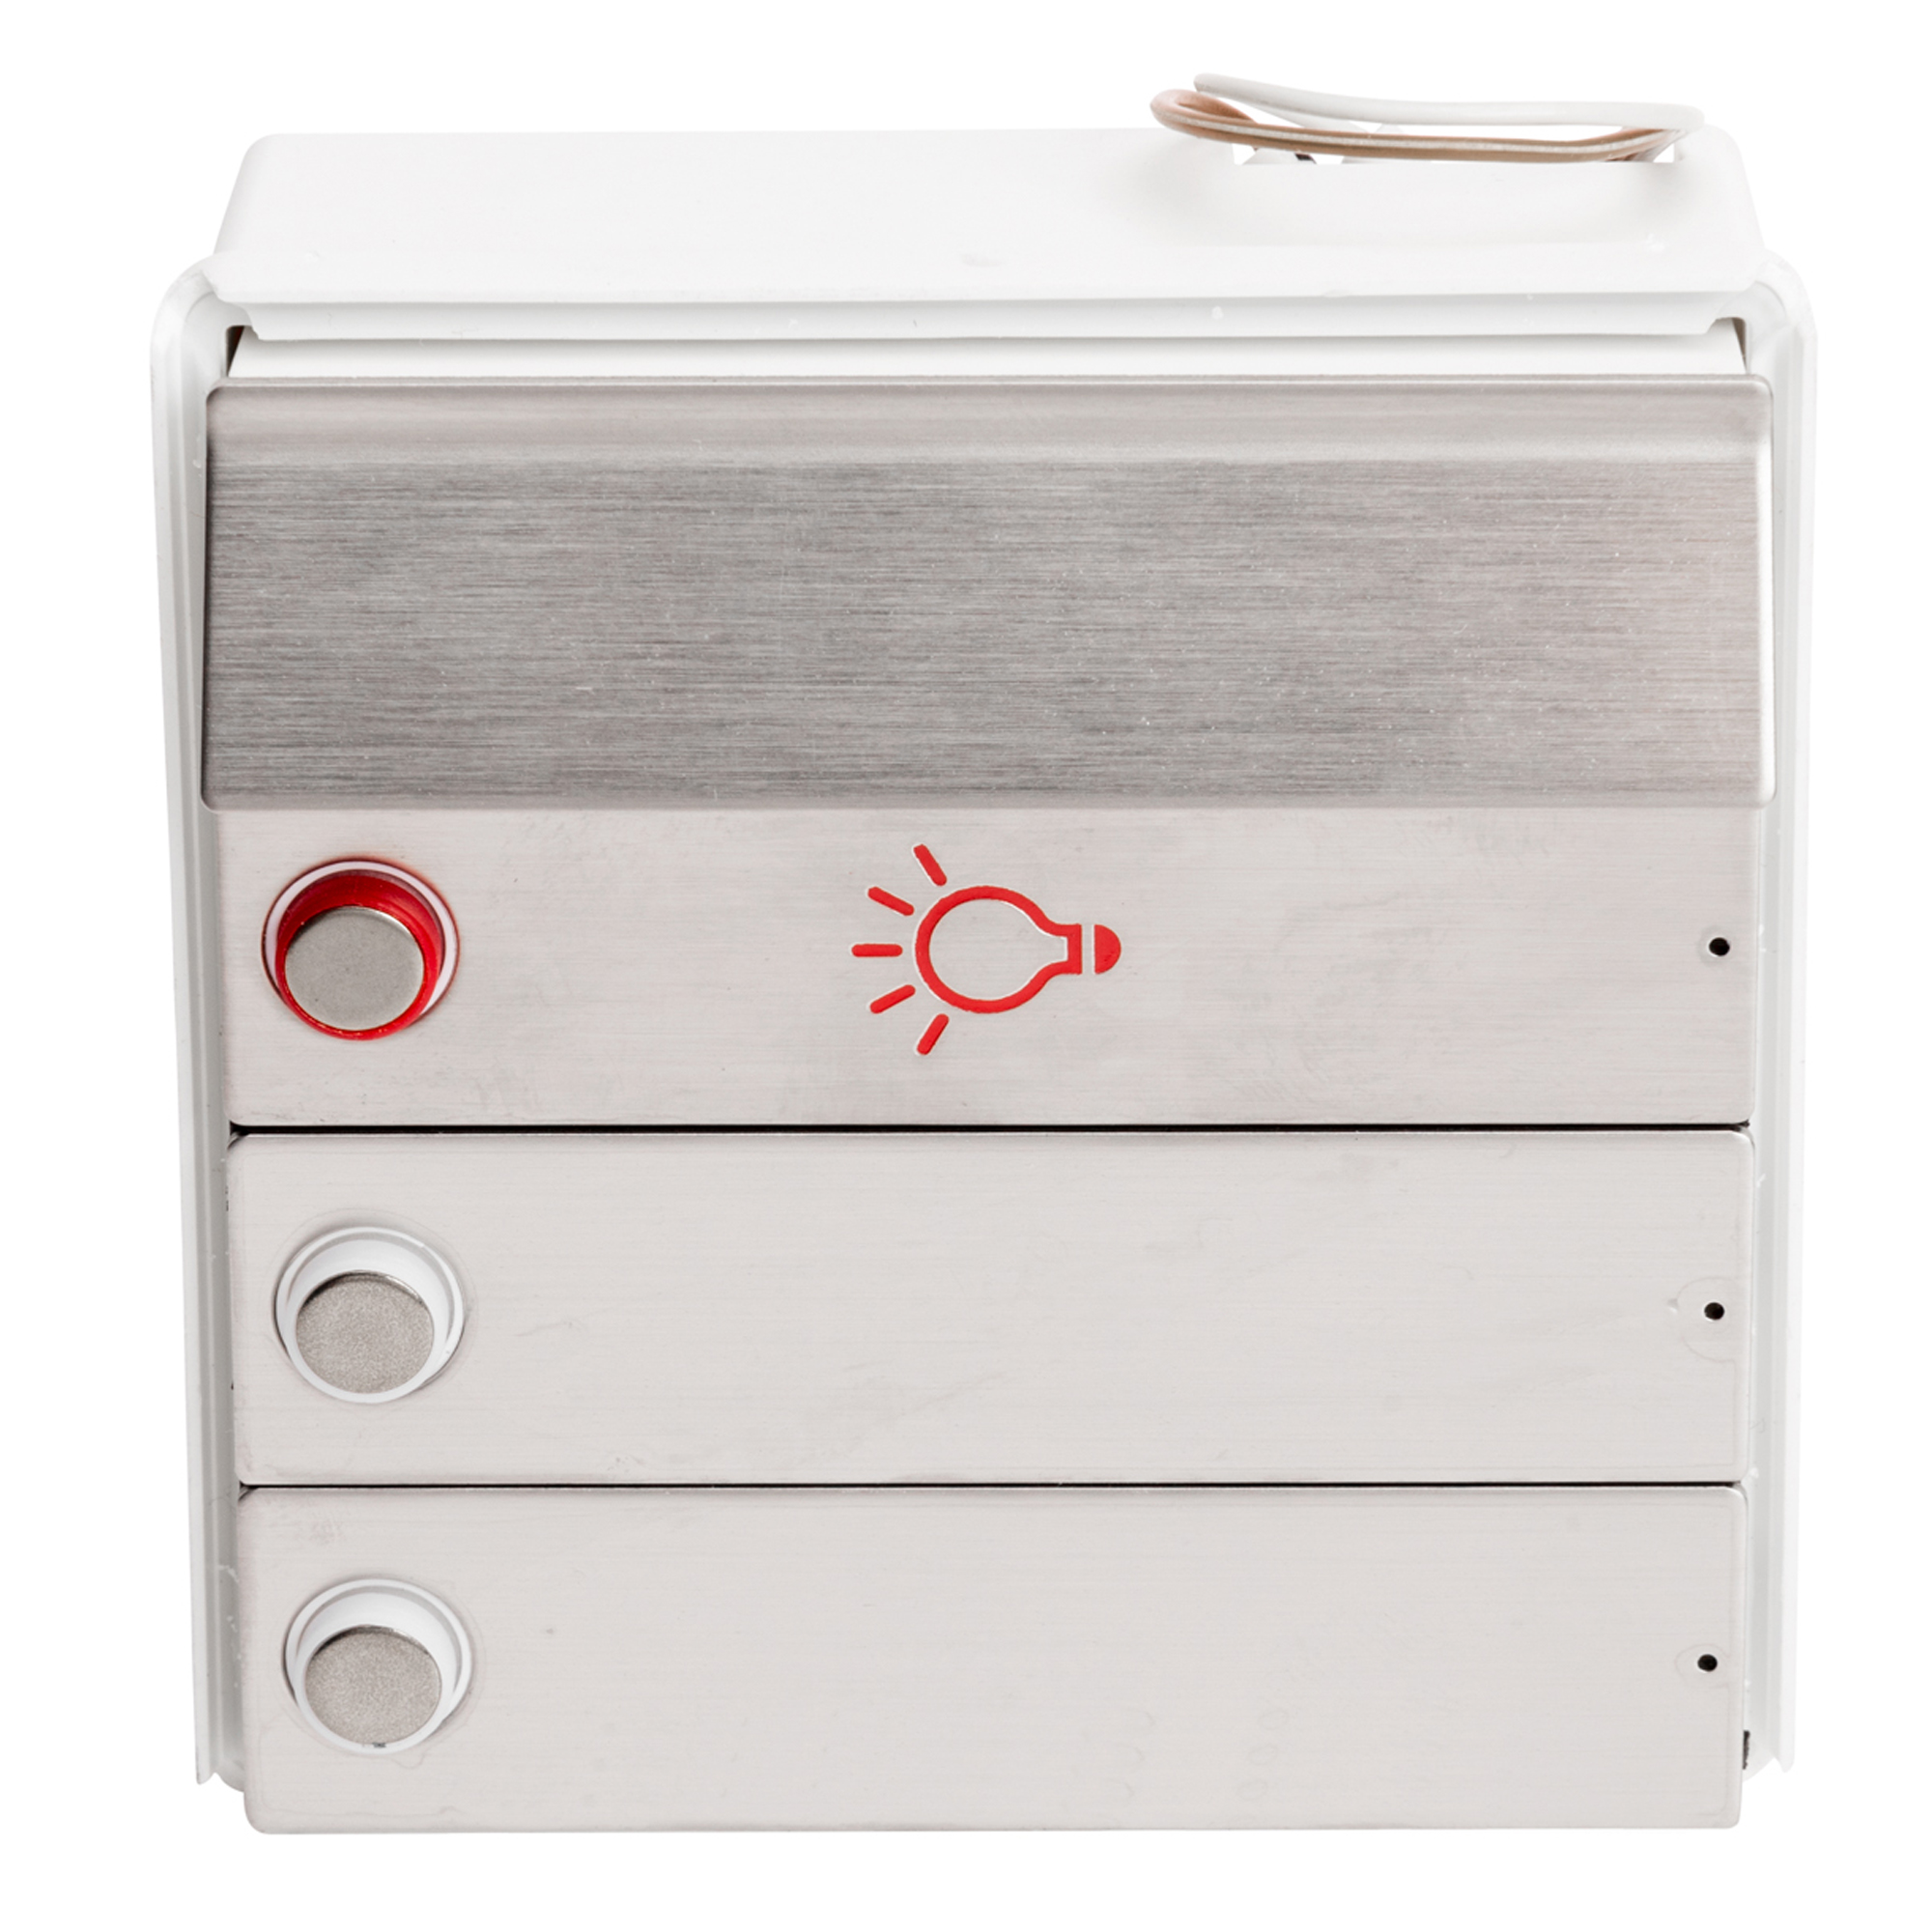 RENZ Tastenmodul RSA2 kompakt - 2 Klingelschilder & 1 Lichttaste-Edelstahl 97-9-85335